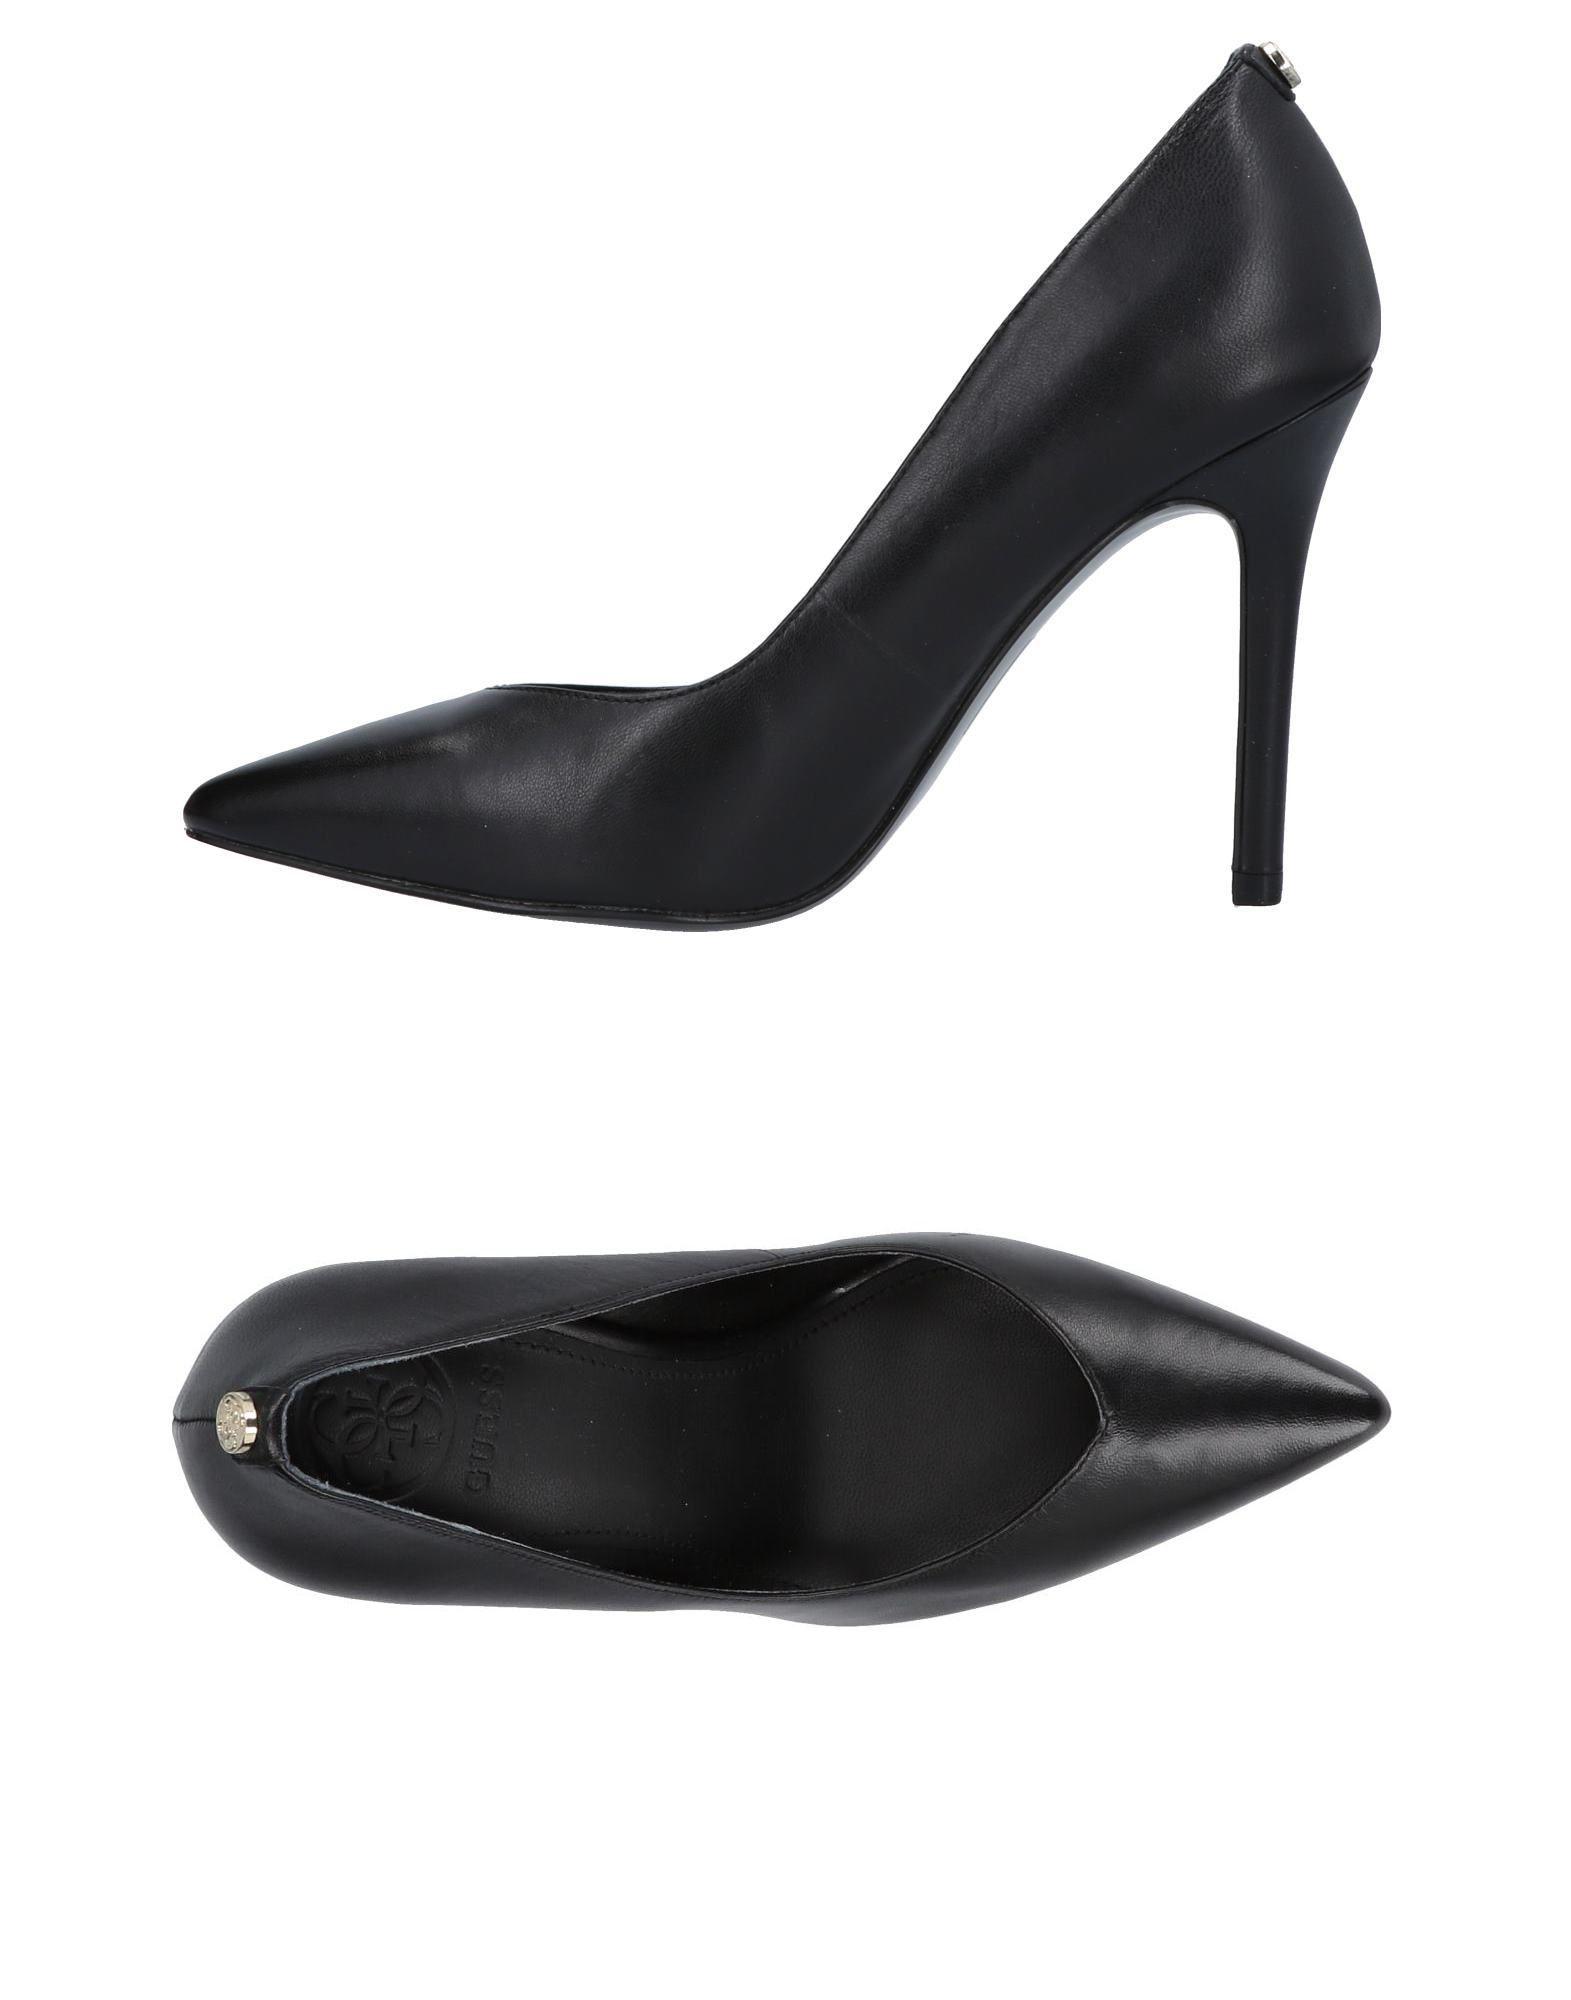 Guess Pumps Damen  11467577HO 11467577HO 11467577HO Gute Qualität beliebte Schuhe 371ebc